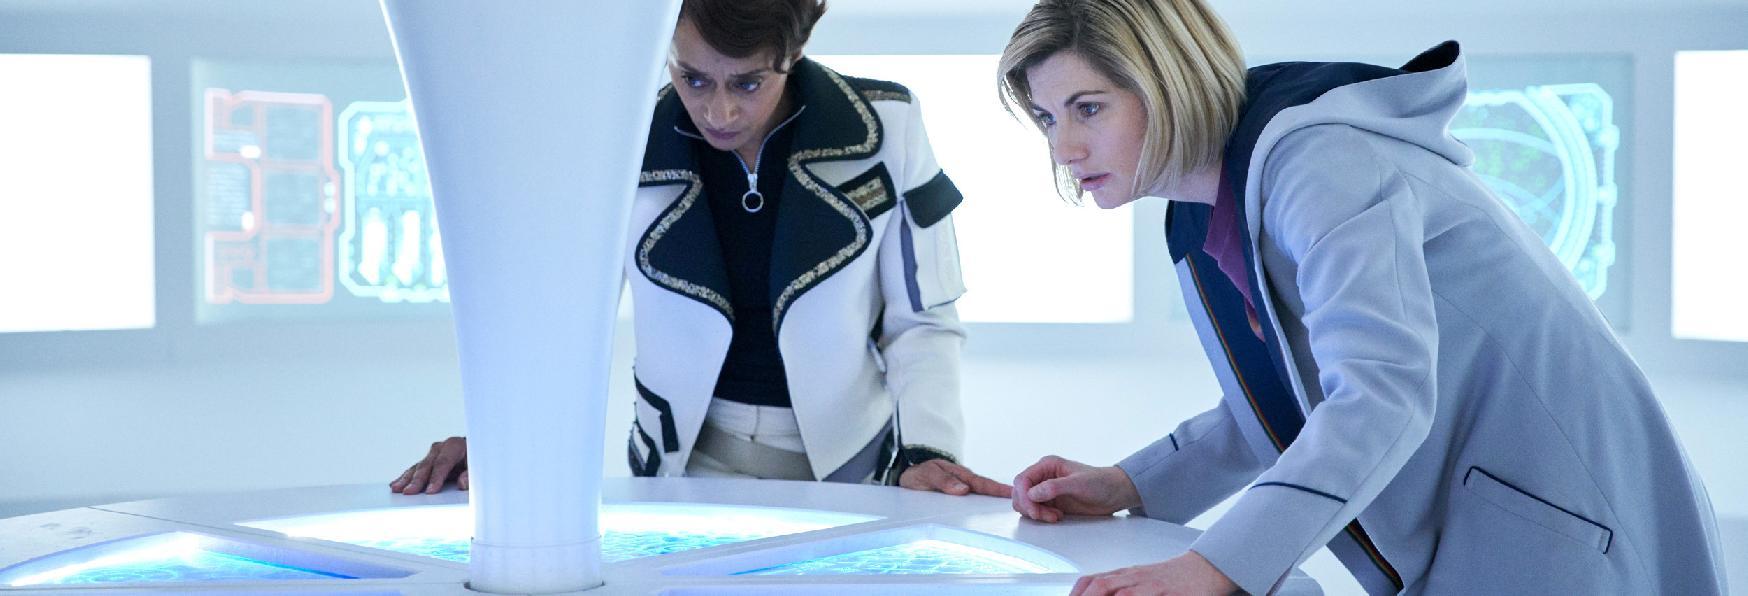 Recensione di Doctor Who 11x05: The Tsuranga Conundrum